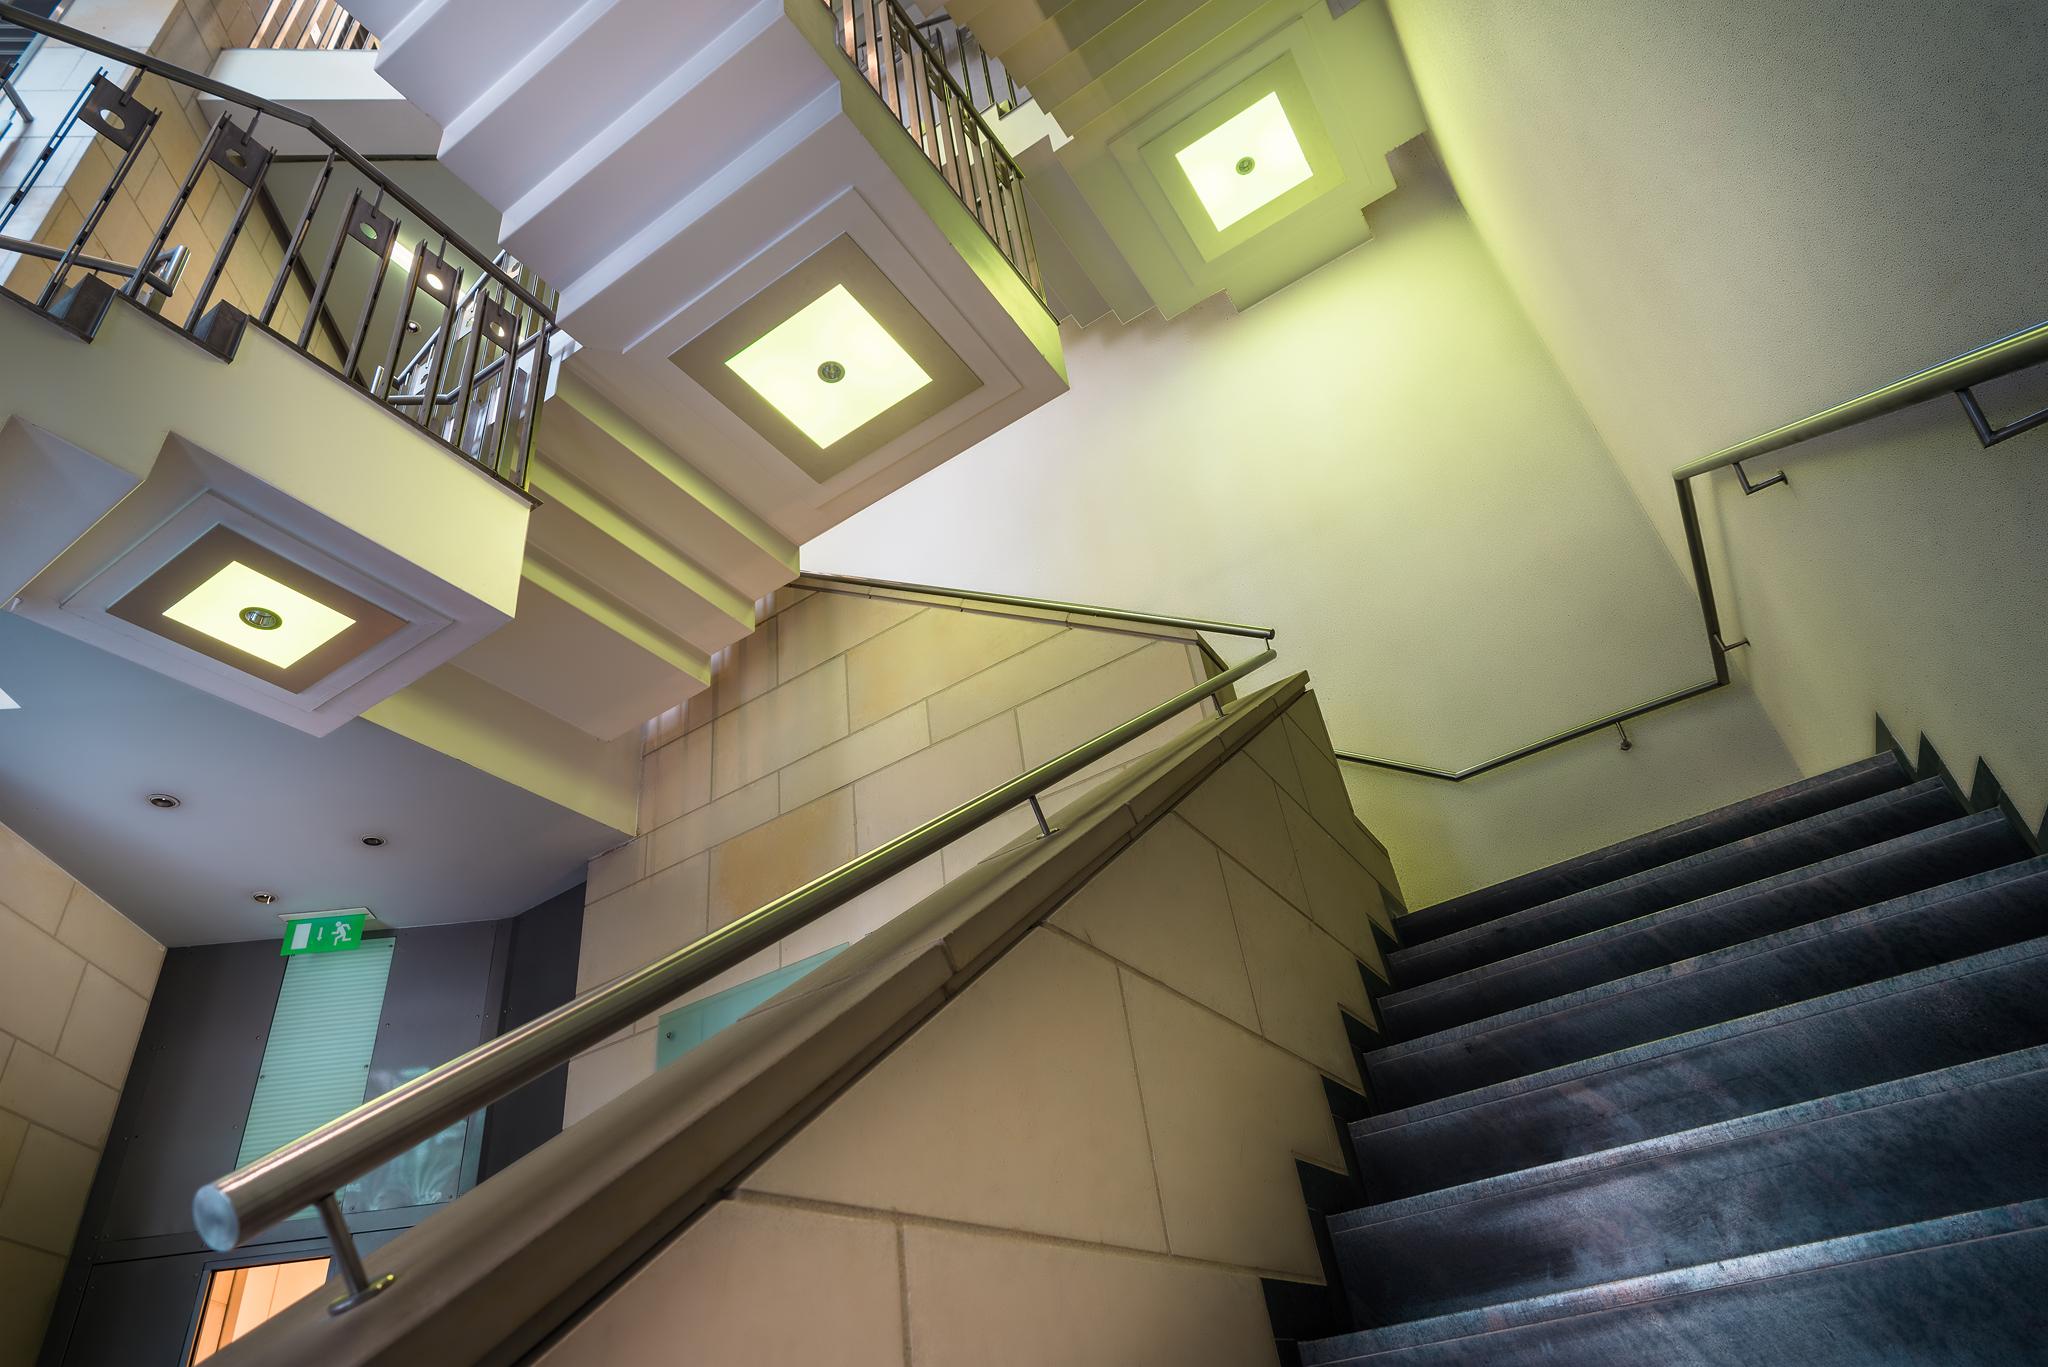 Objektivempfehlungen für die Architekturfotografie ...